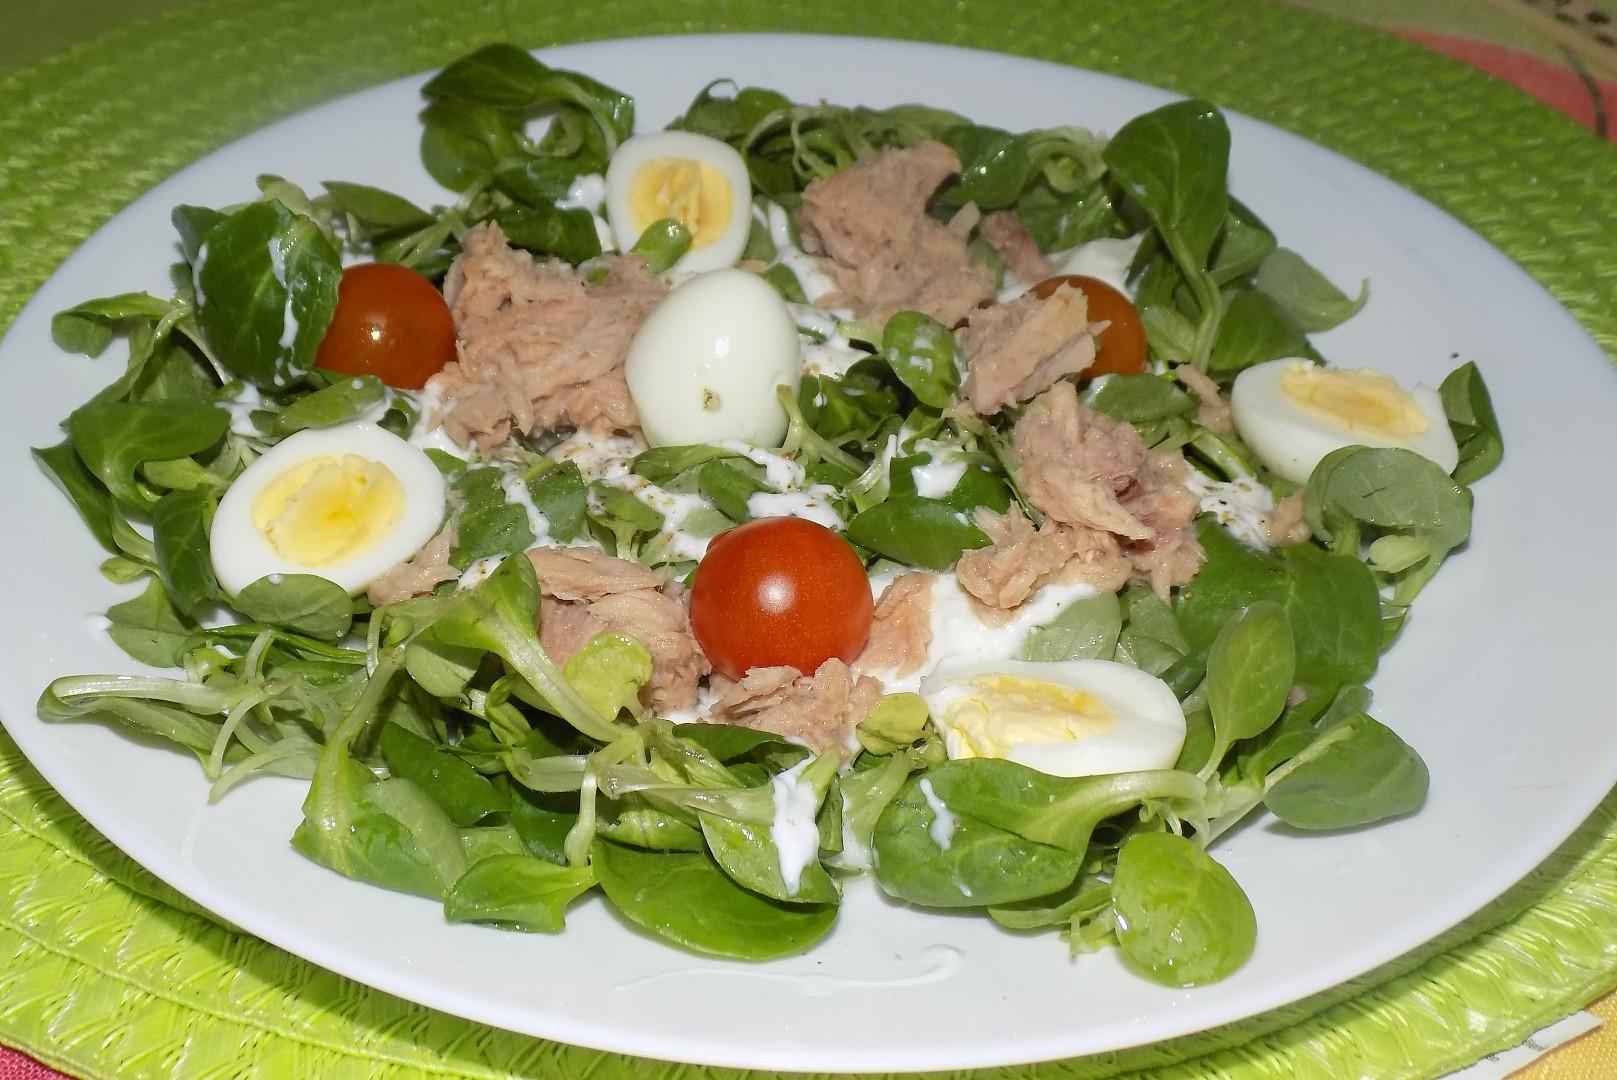 Polníčkový salát s křepelčími vajíčky